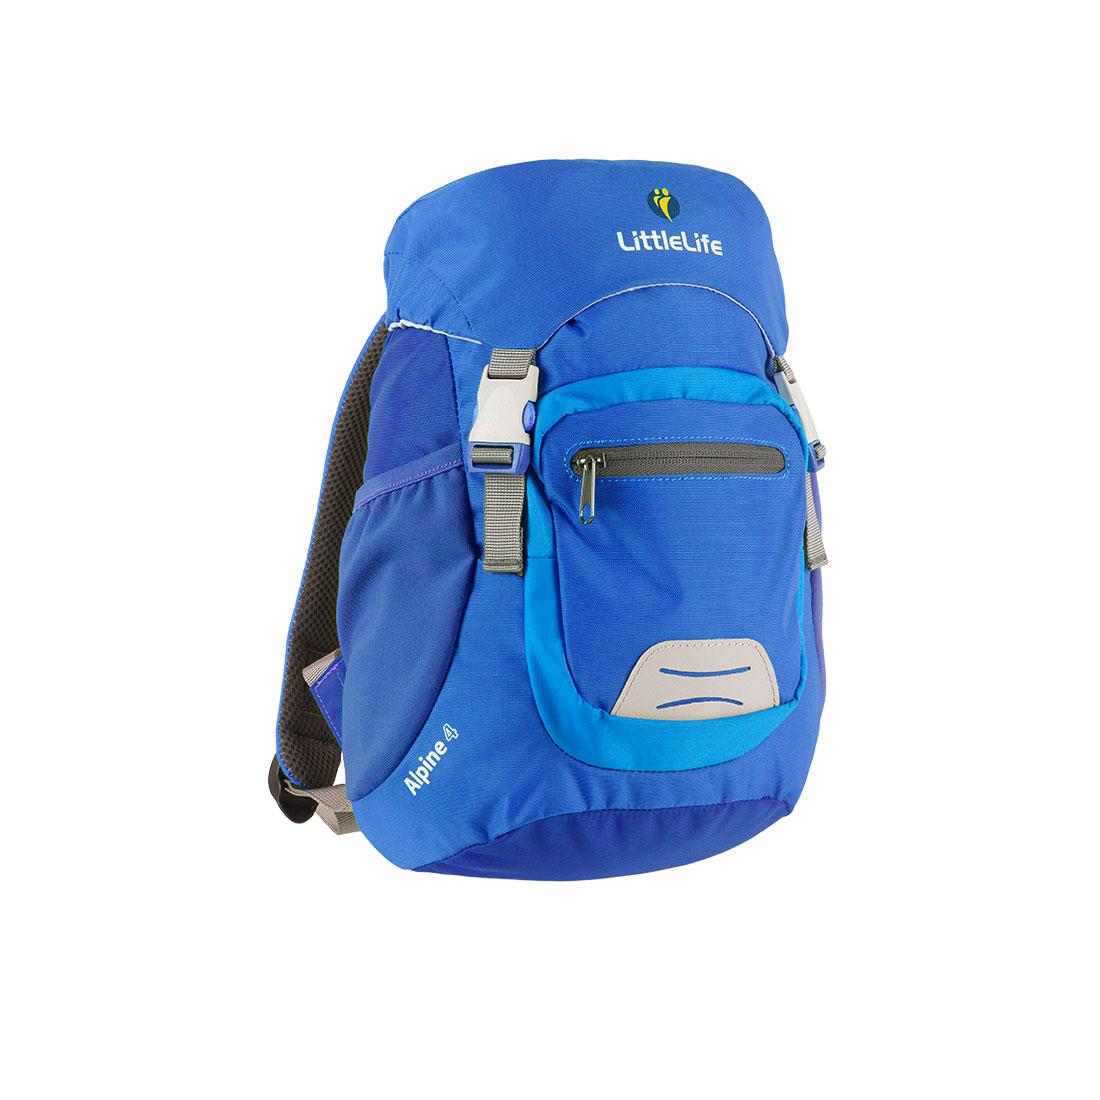 Dětský batoh LittleLife Alpine 4 Kids Daysack Barva: Blue